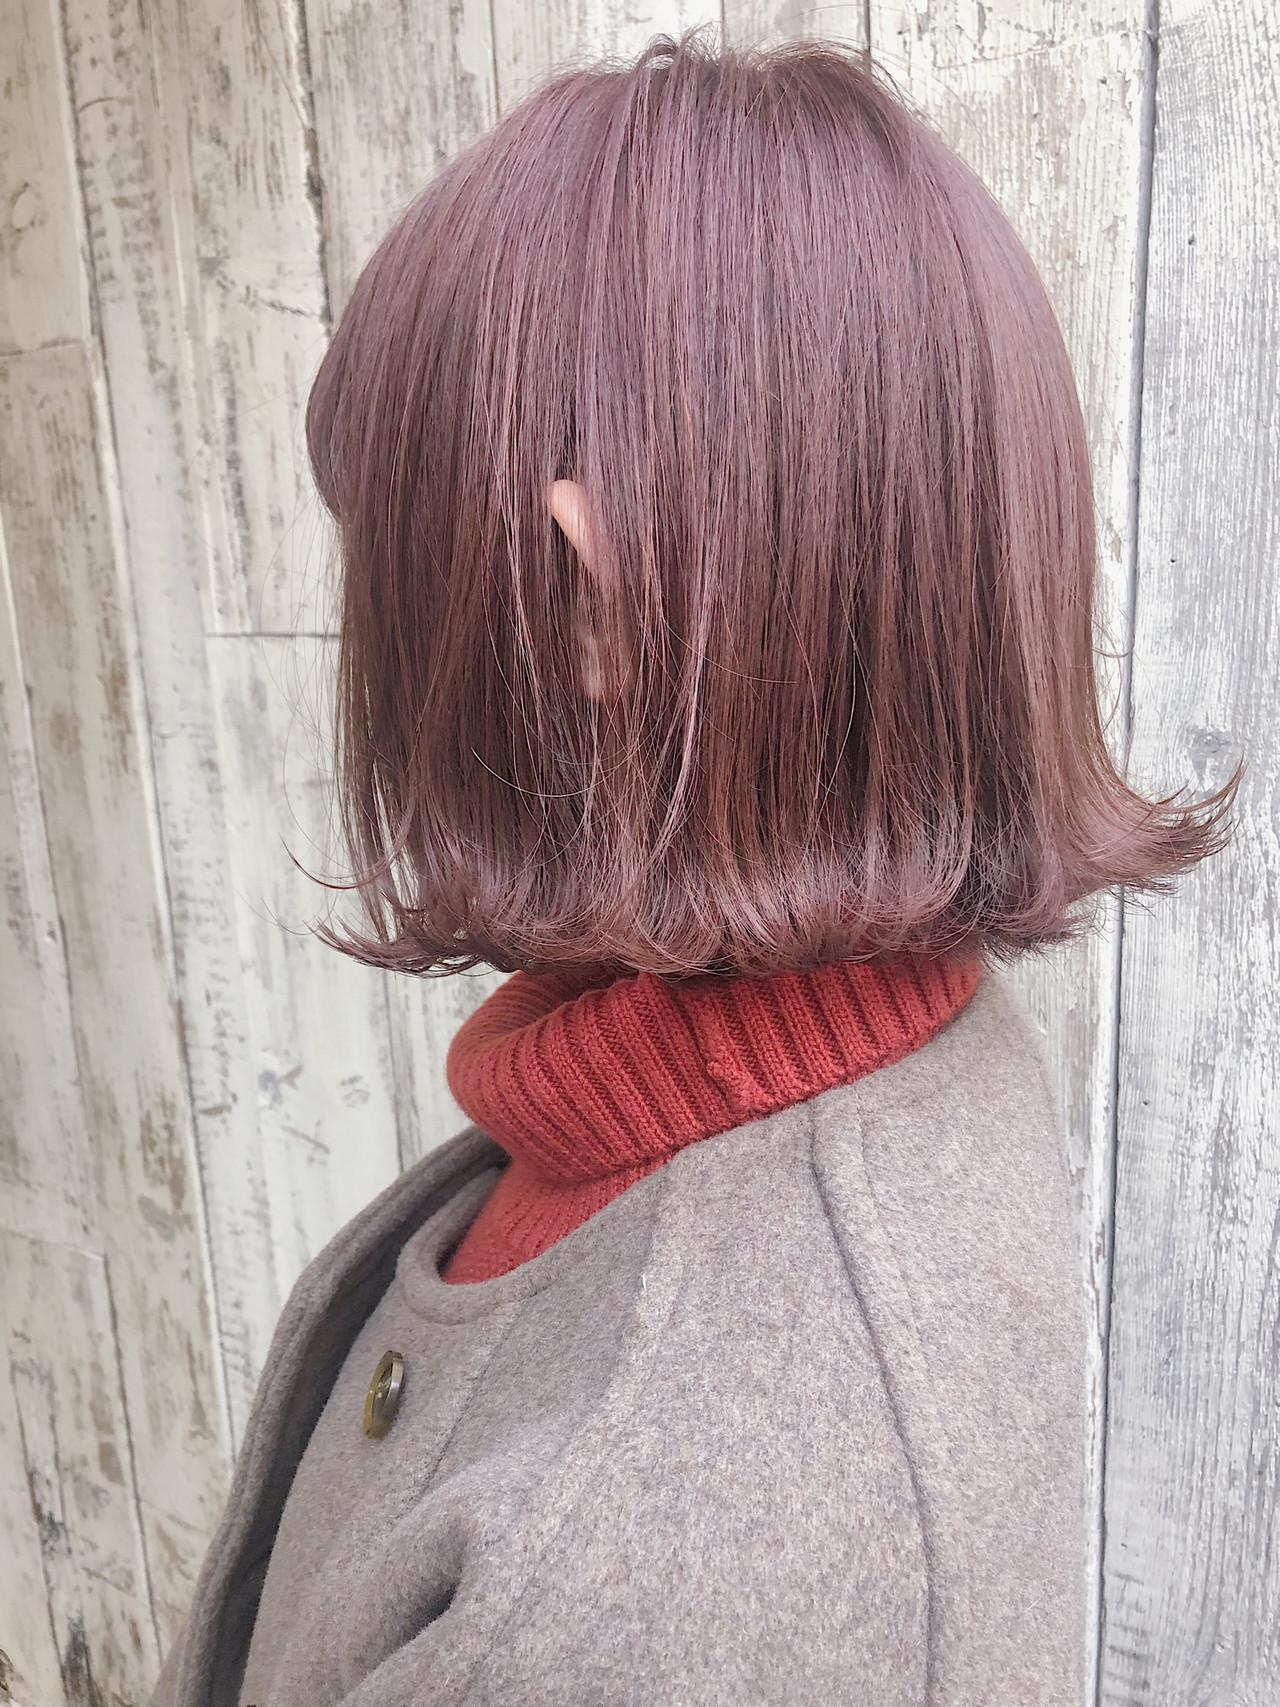 外ハネボブ ピンクカラー ナチュラル ボブ ヘアスタイルや髪型の写真・画像